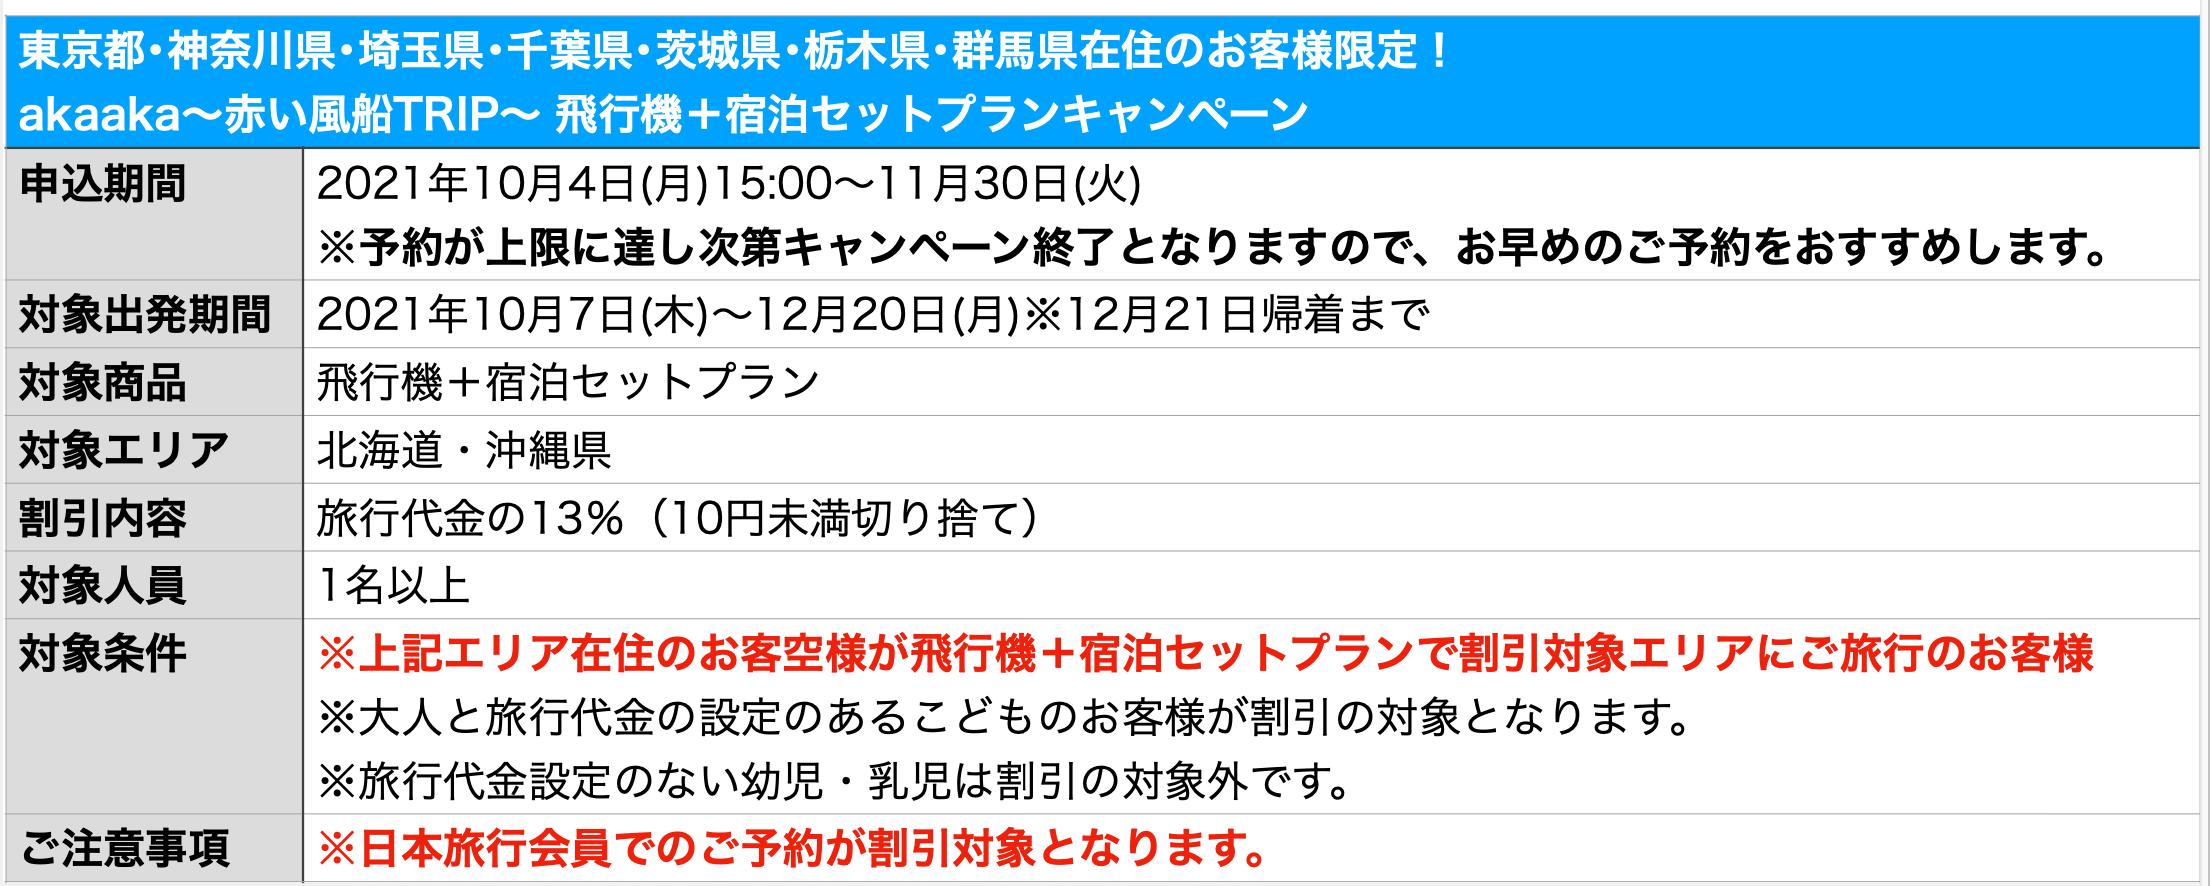 日本旅行〜赤い風船TRIP〜キャンペーンの概要